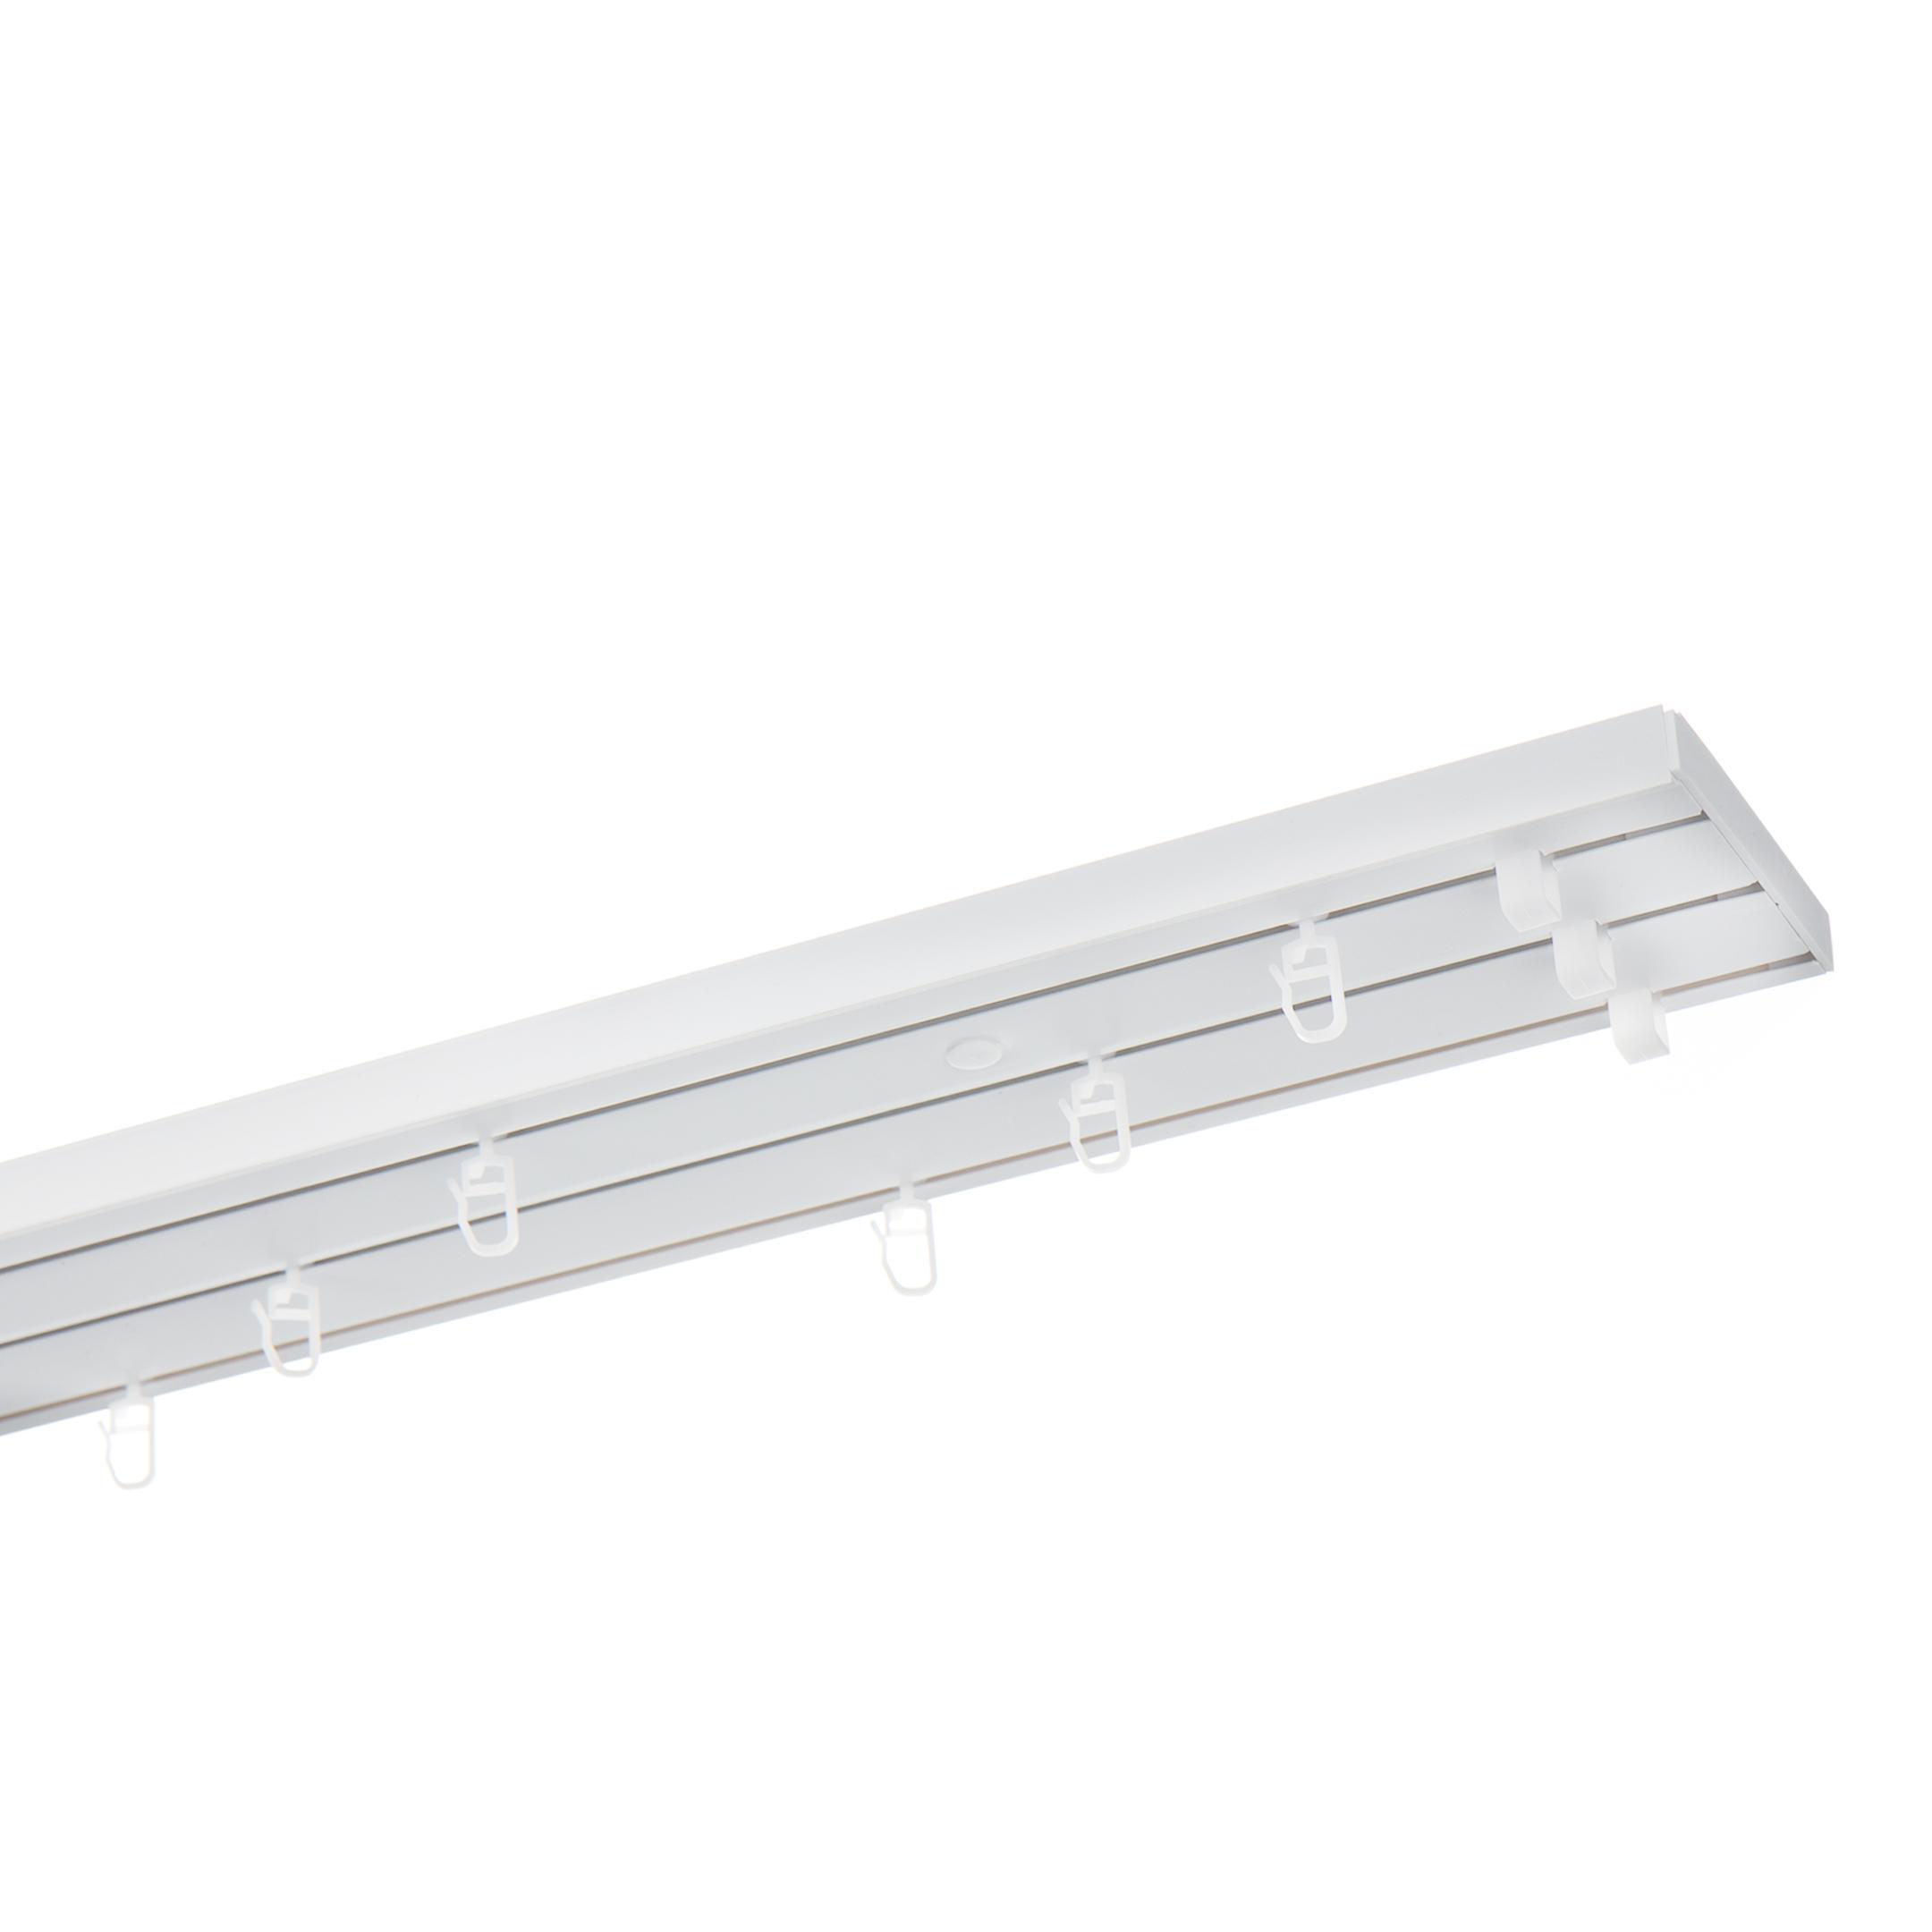 Фото - Карниз потолочный пластмассовый трехрядный 220 см белый карниз потолочный пластиковый dda поворот греция трехрядный краке 3 6